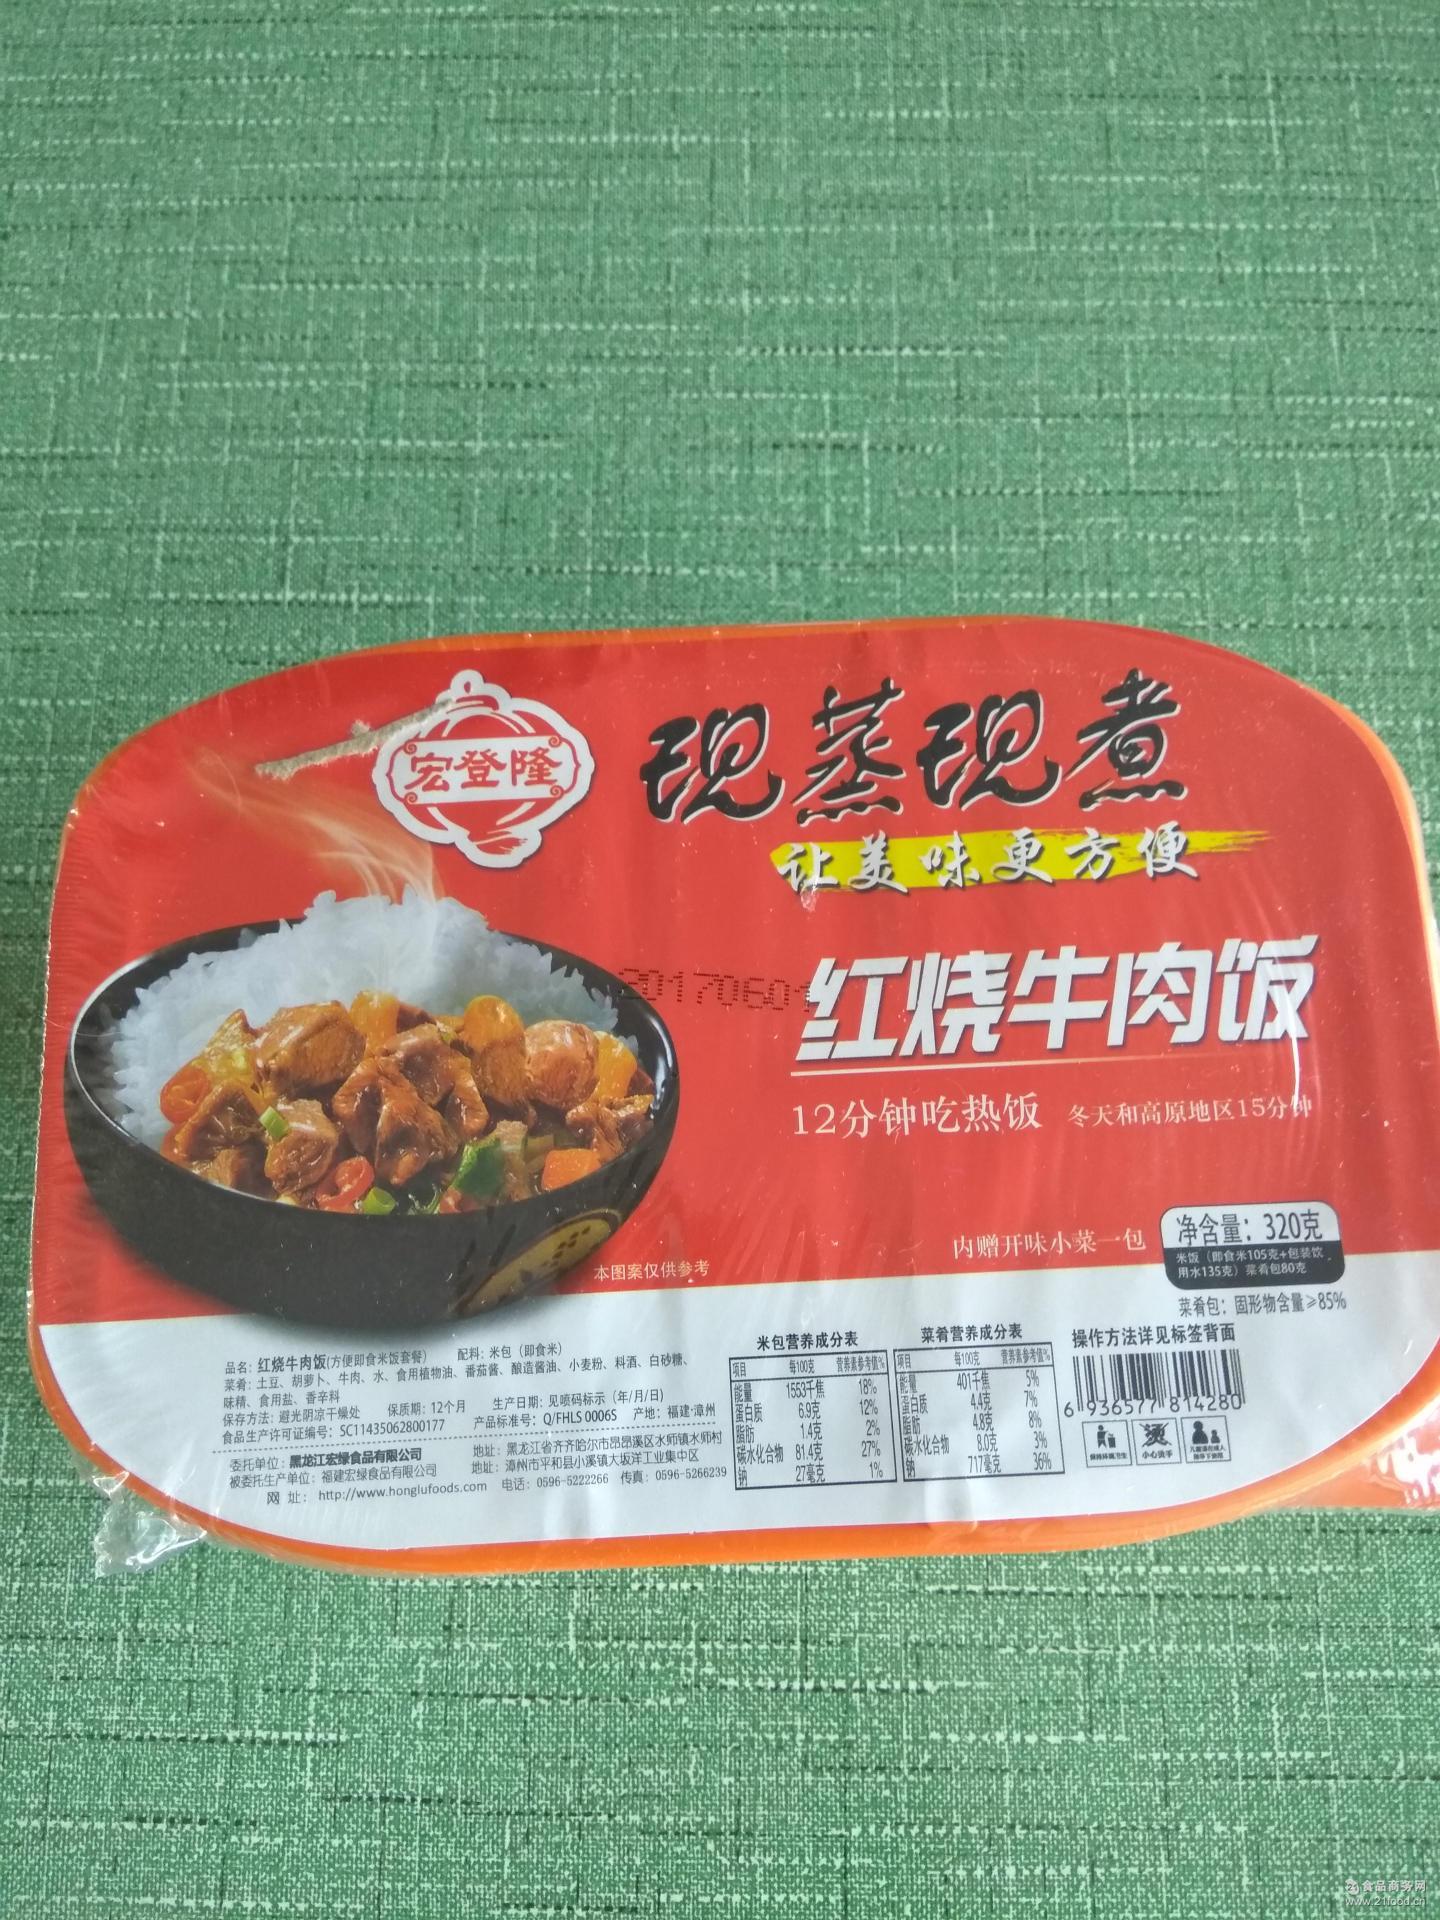 整箱12盒 宏登隆现蒸现煮自热米饭户外速食方便自加热快餐320g